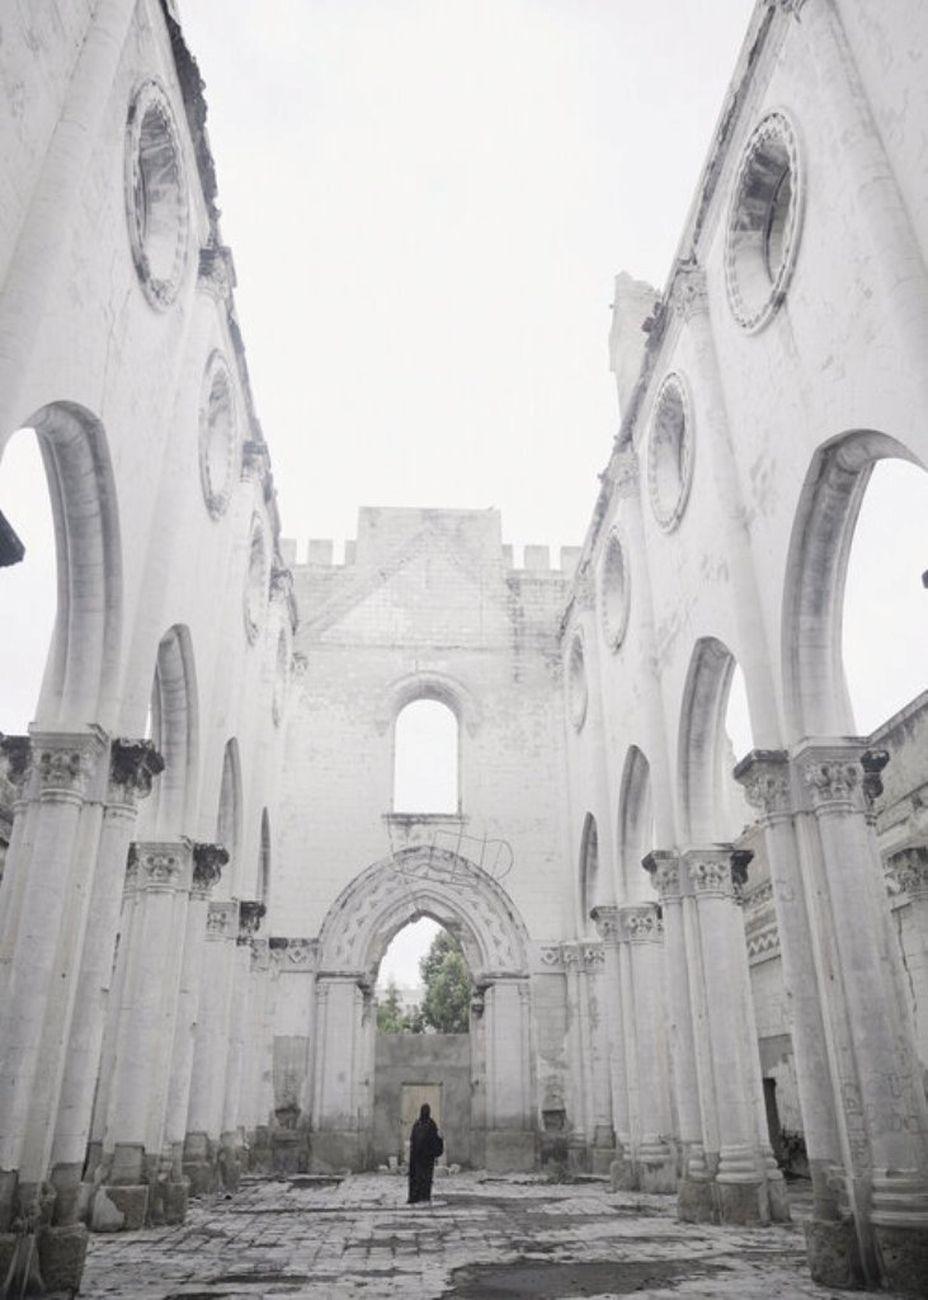 Hana Mire, Inside Mogadishu Cathedral, Mogadishu, 2020